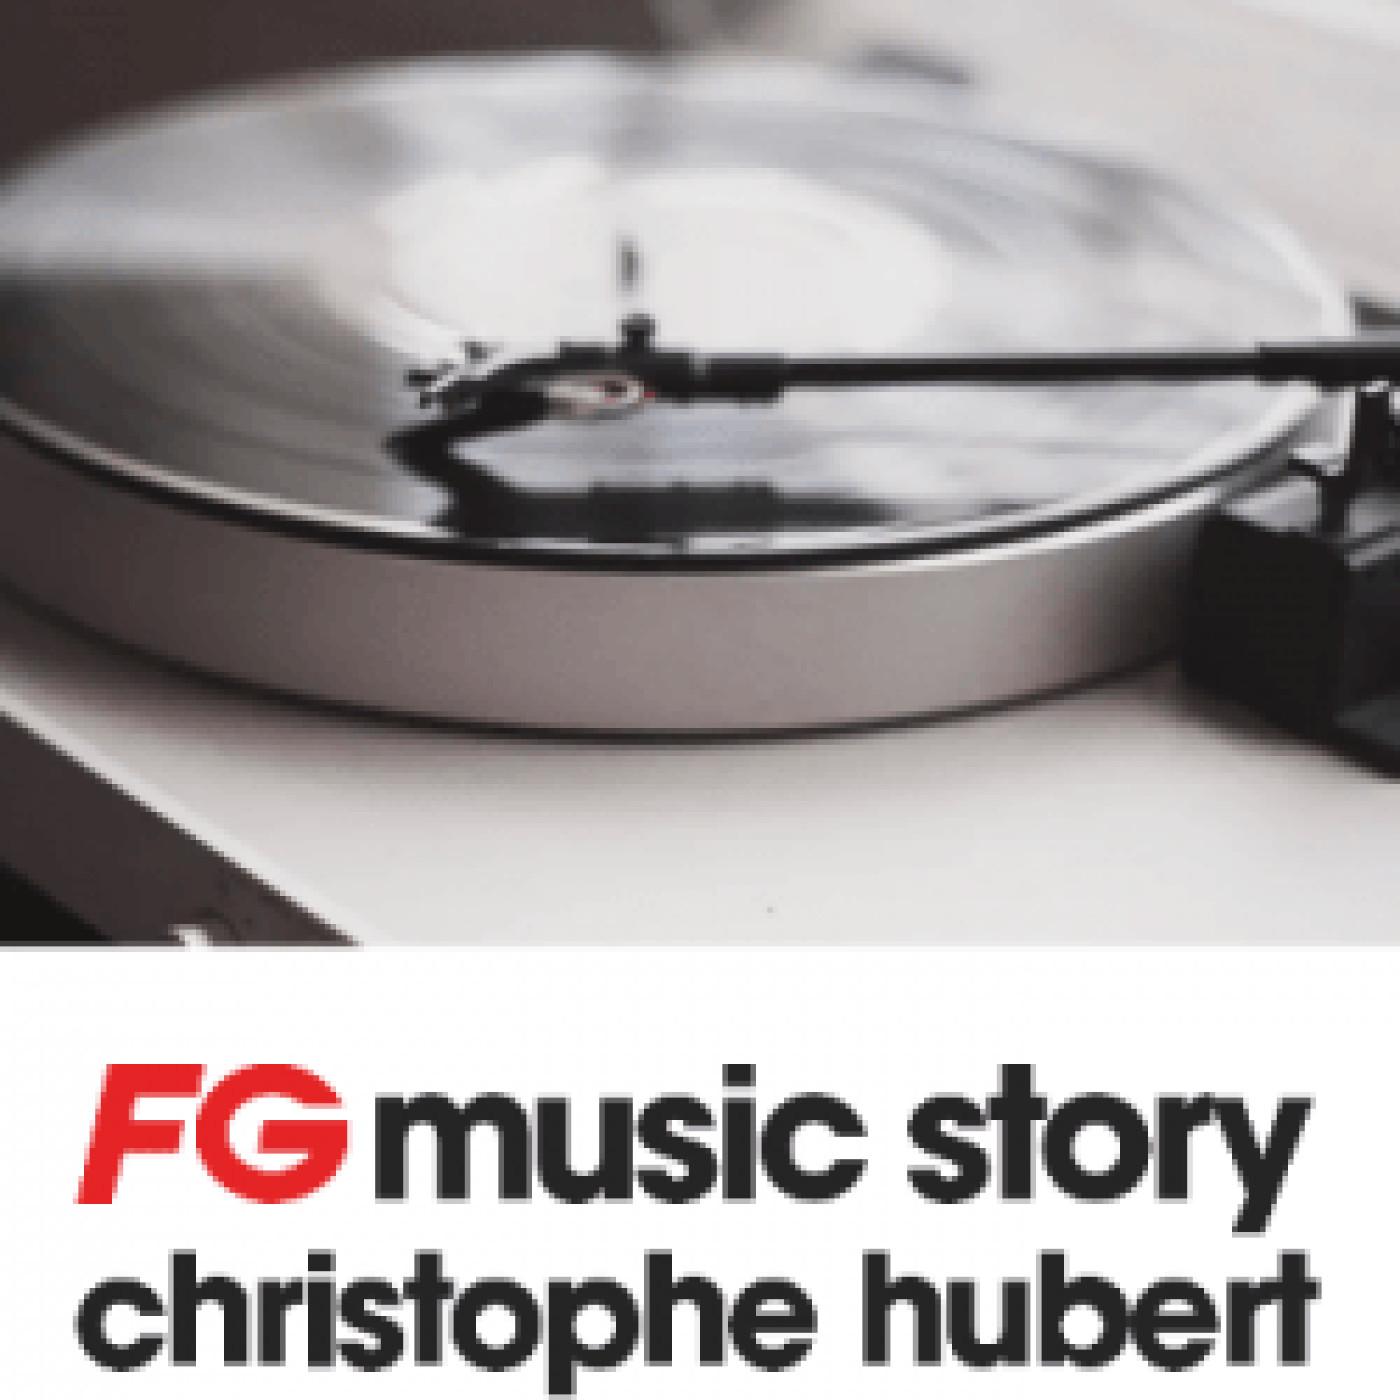 FG MUSIC STORY : ED BANGER